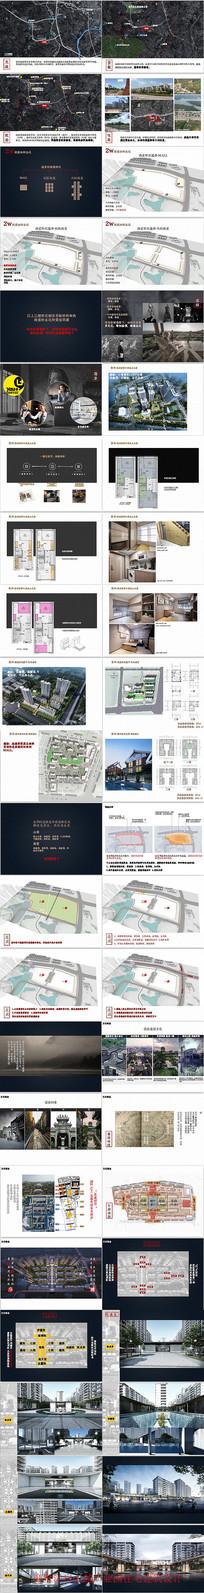 产业园住宅建筑设计PDF方案文本